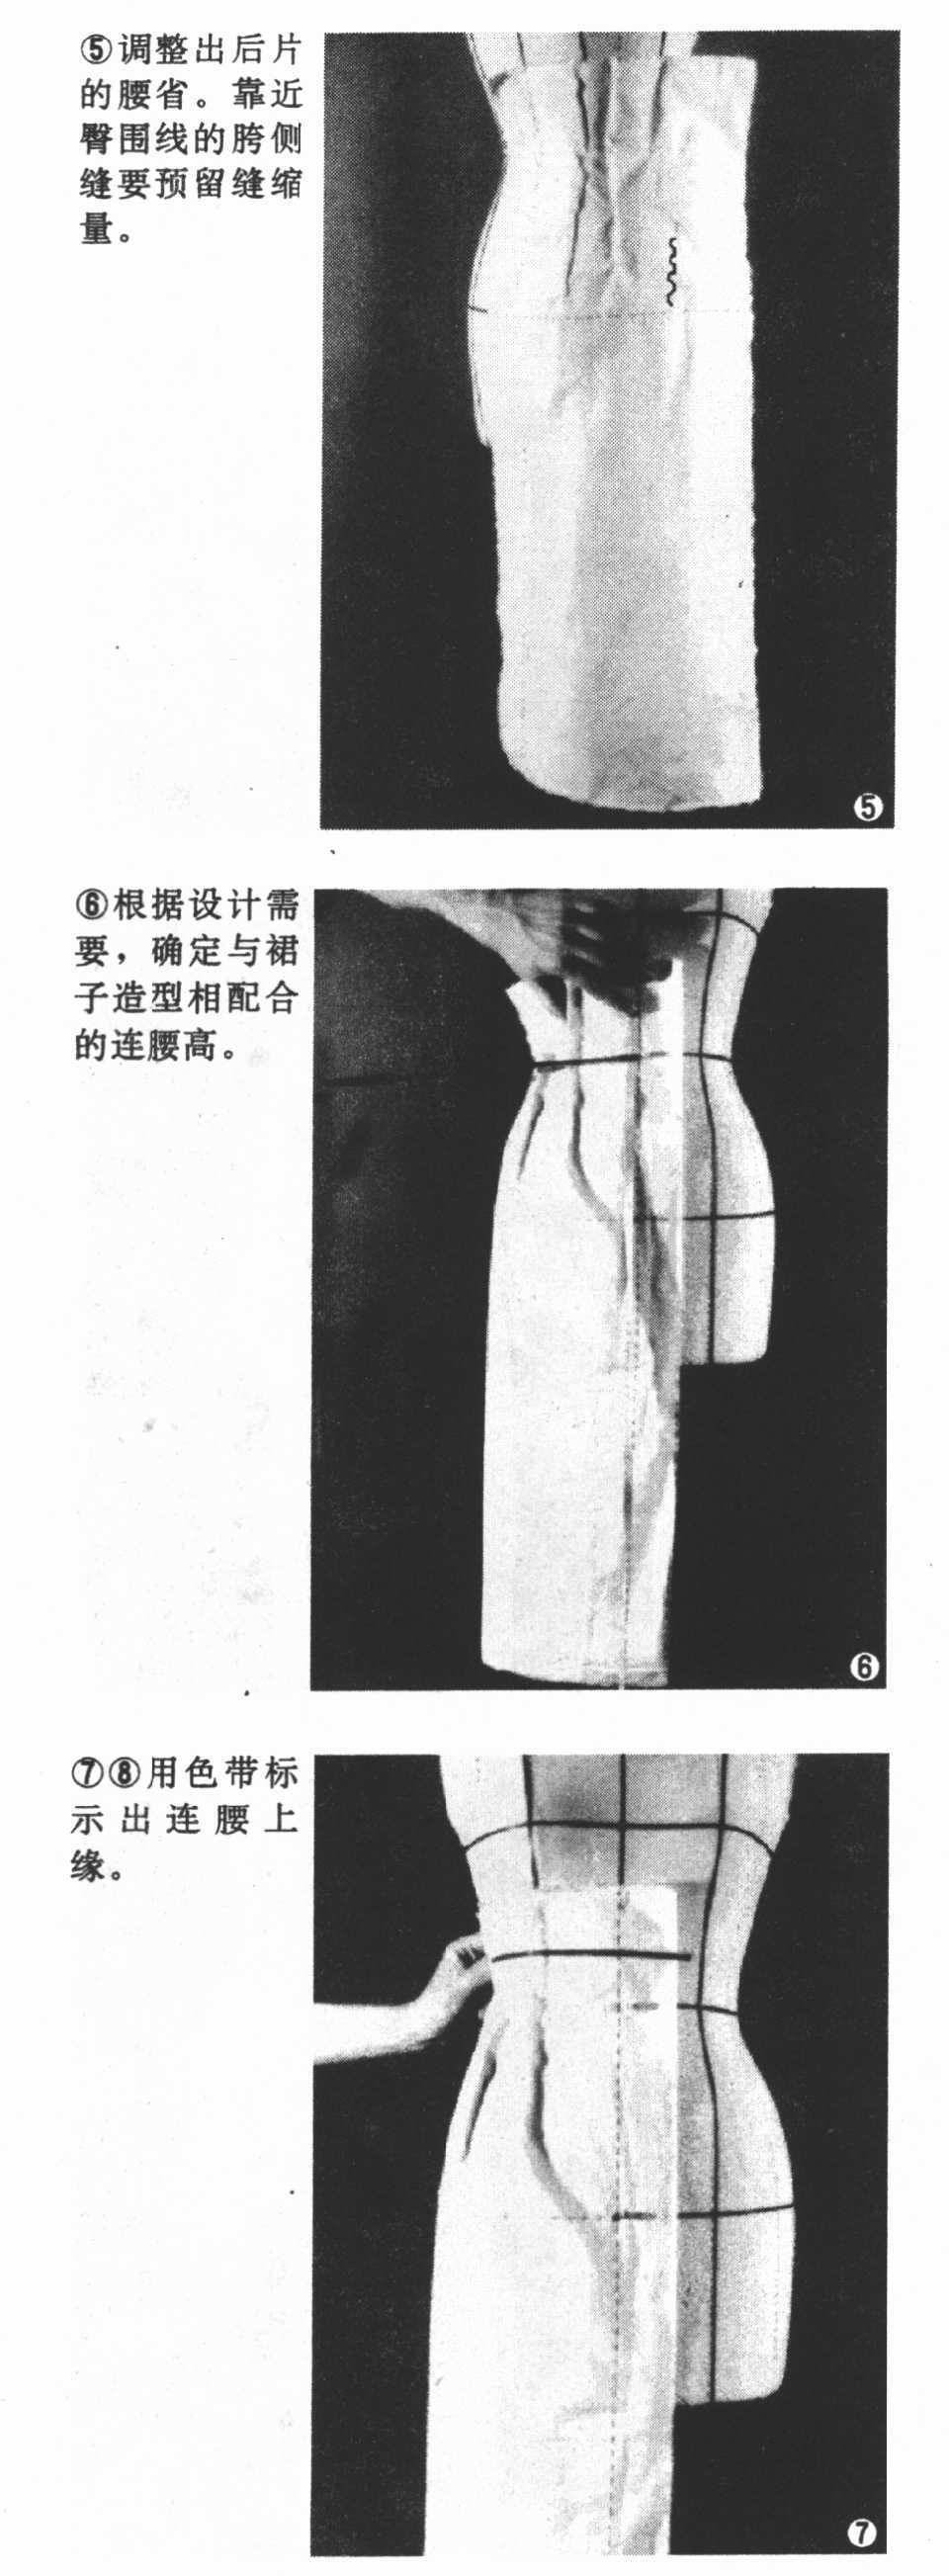 服装立体裁剪连腰裙